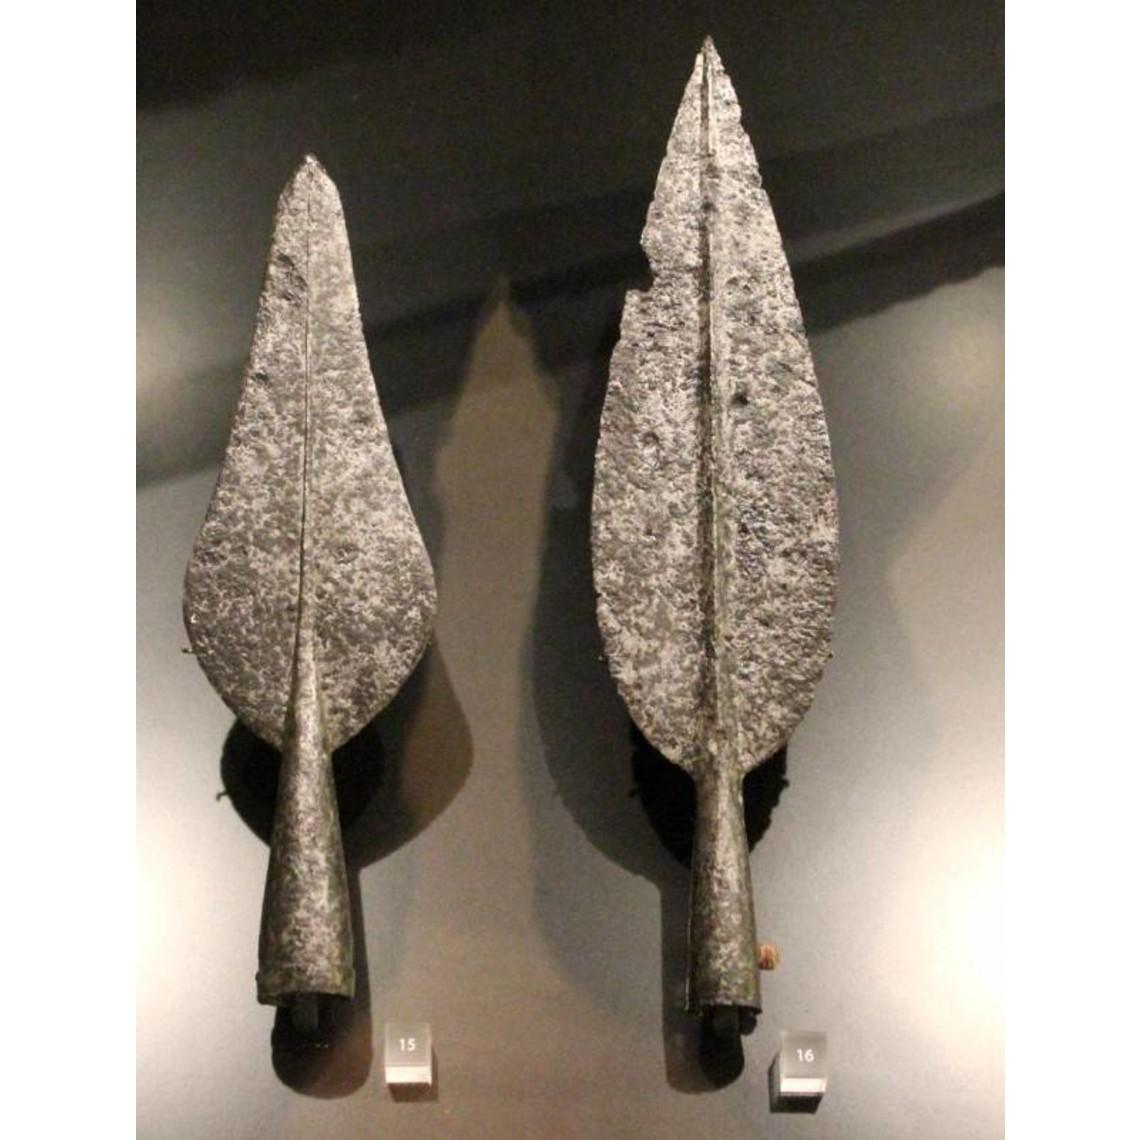 Punta de lanza Celta en forma de hoja